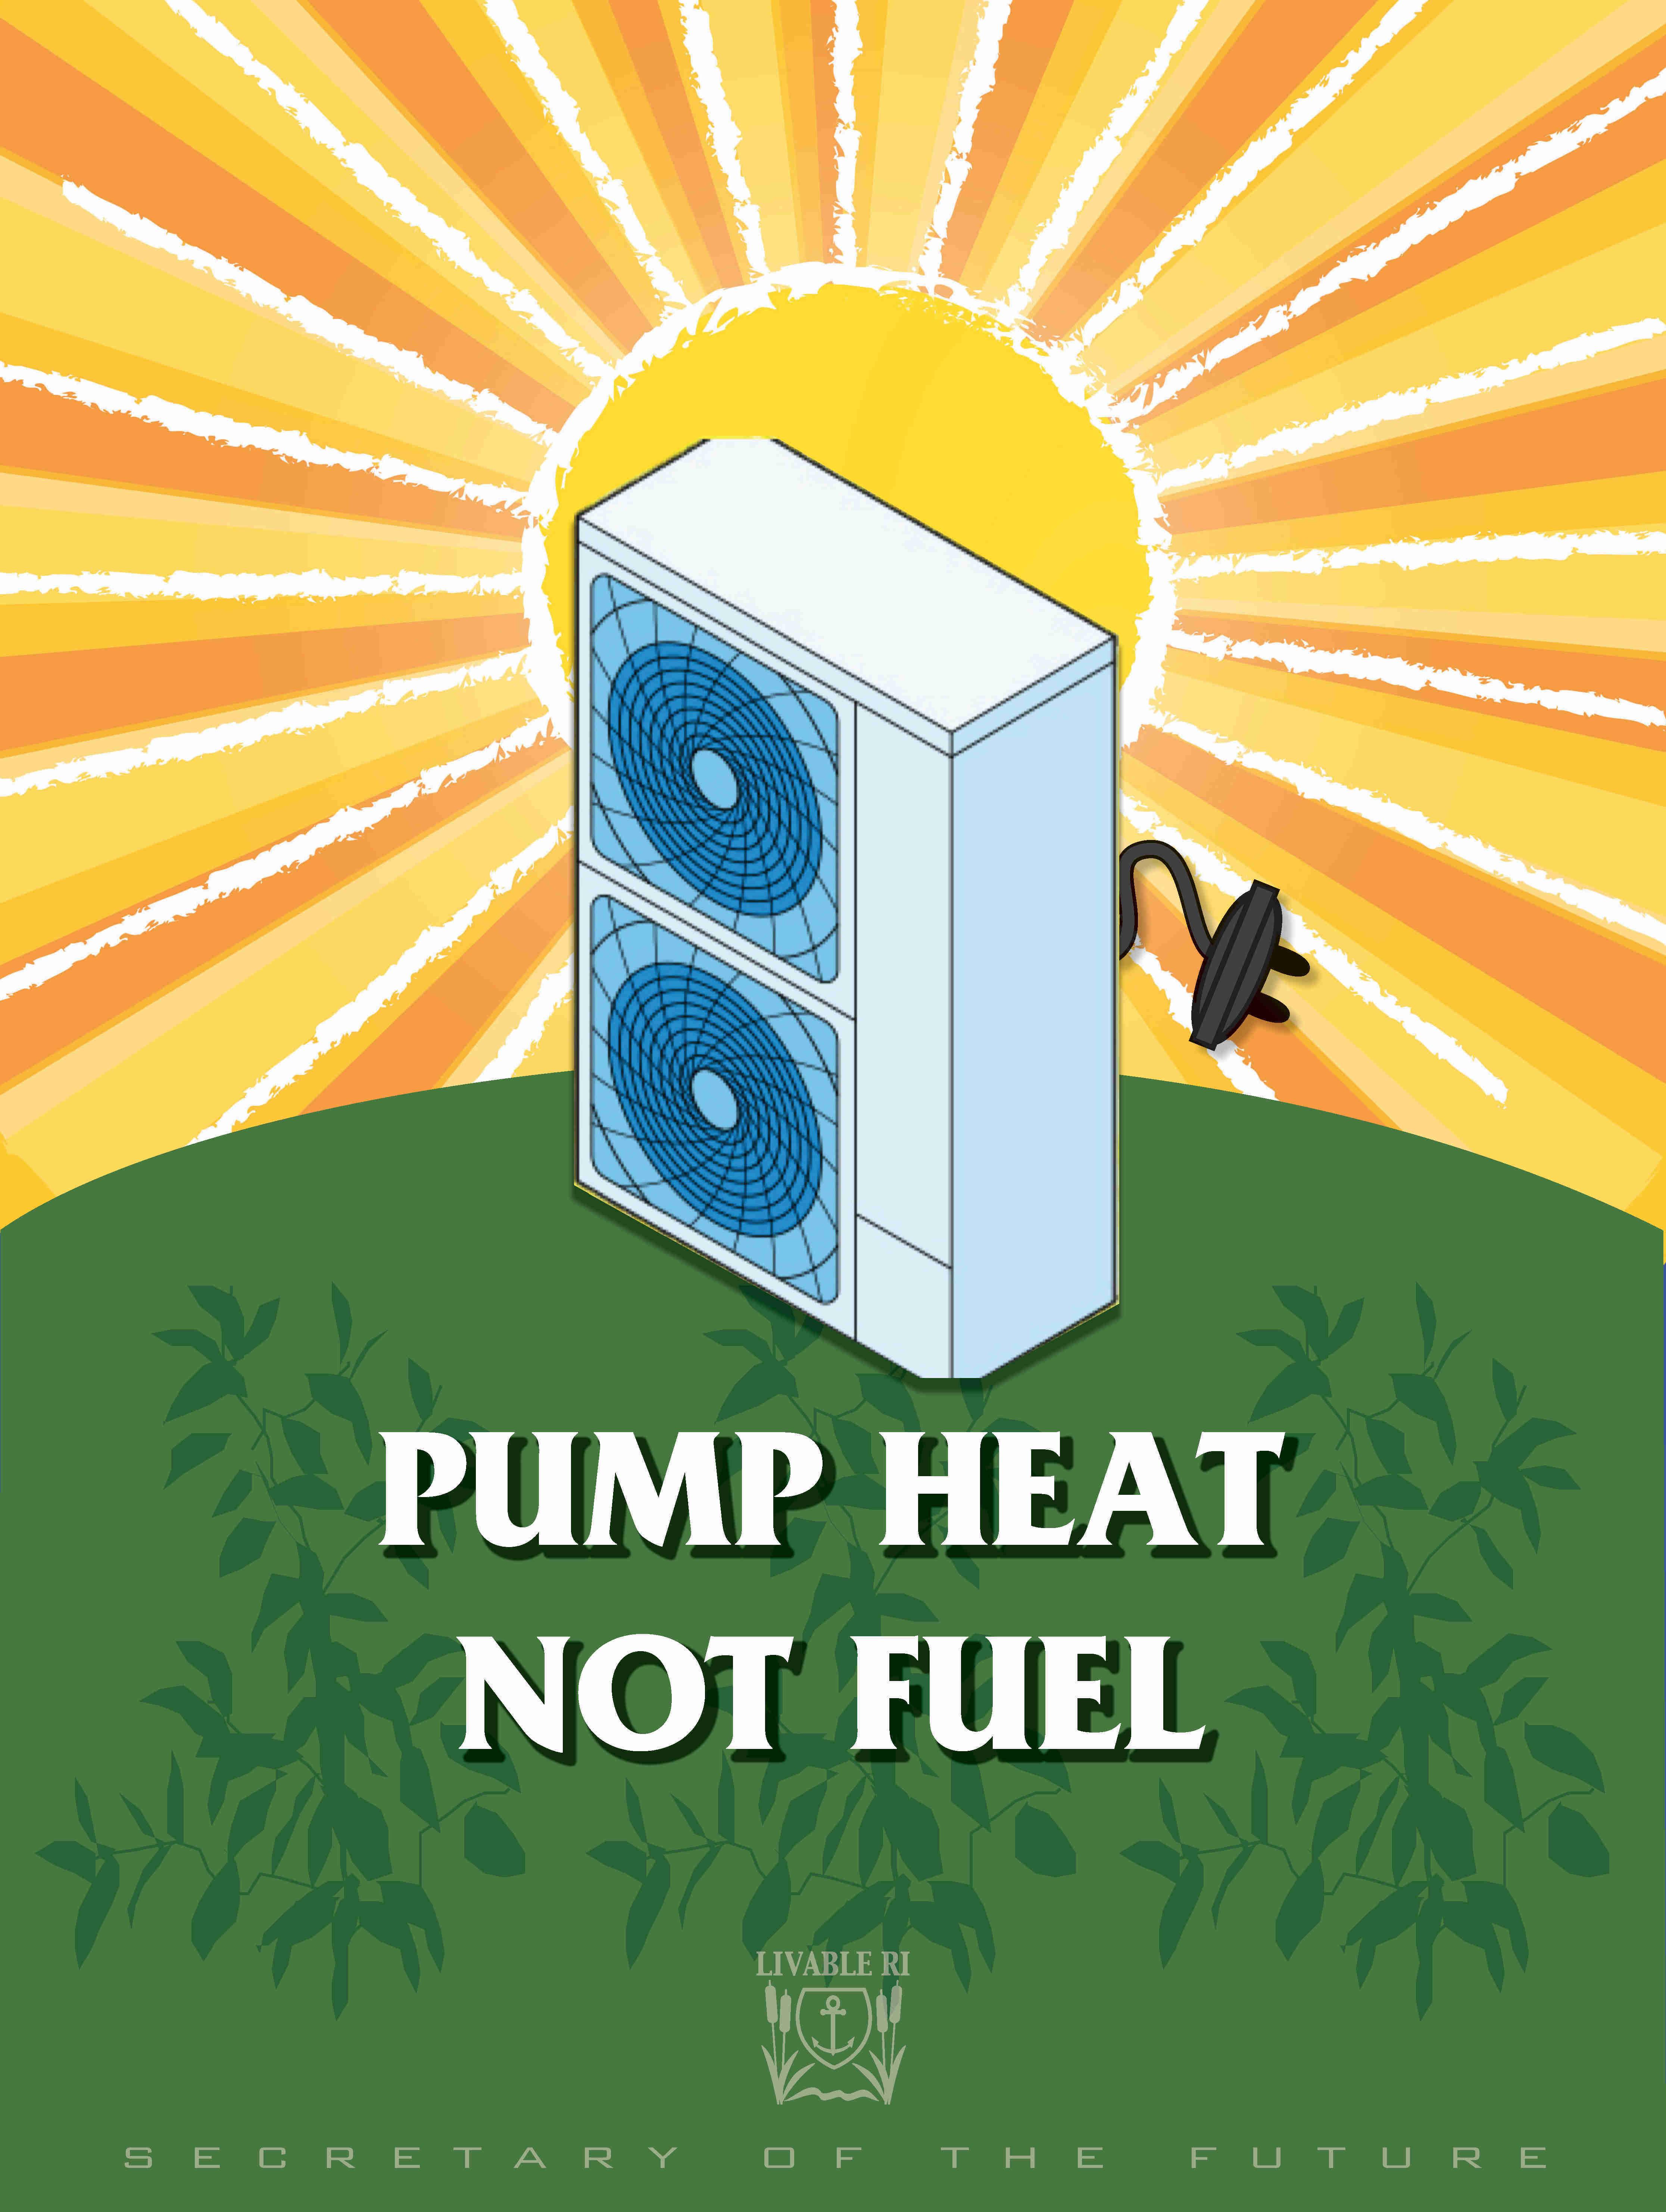 Final_Heat_Pump_Poster4_18x24